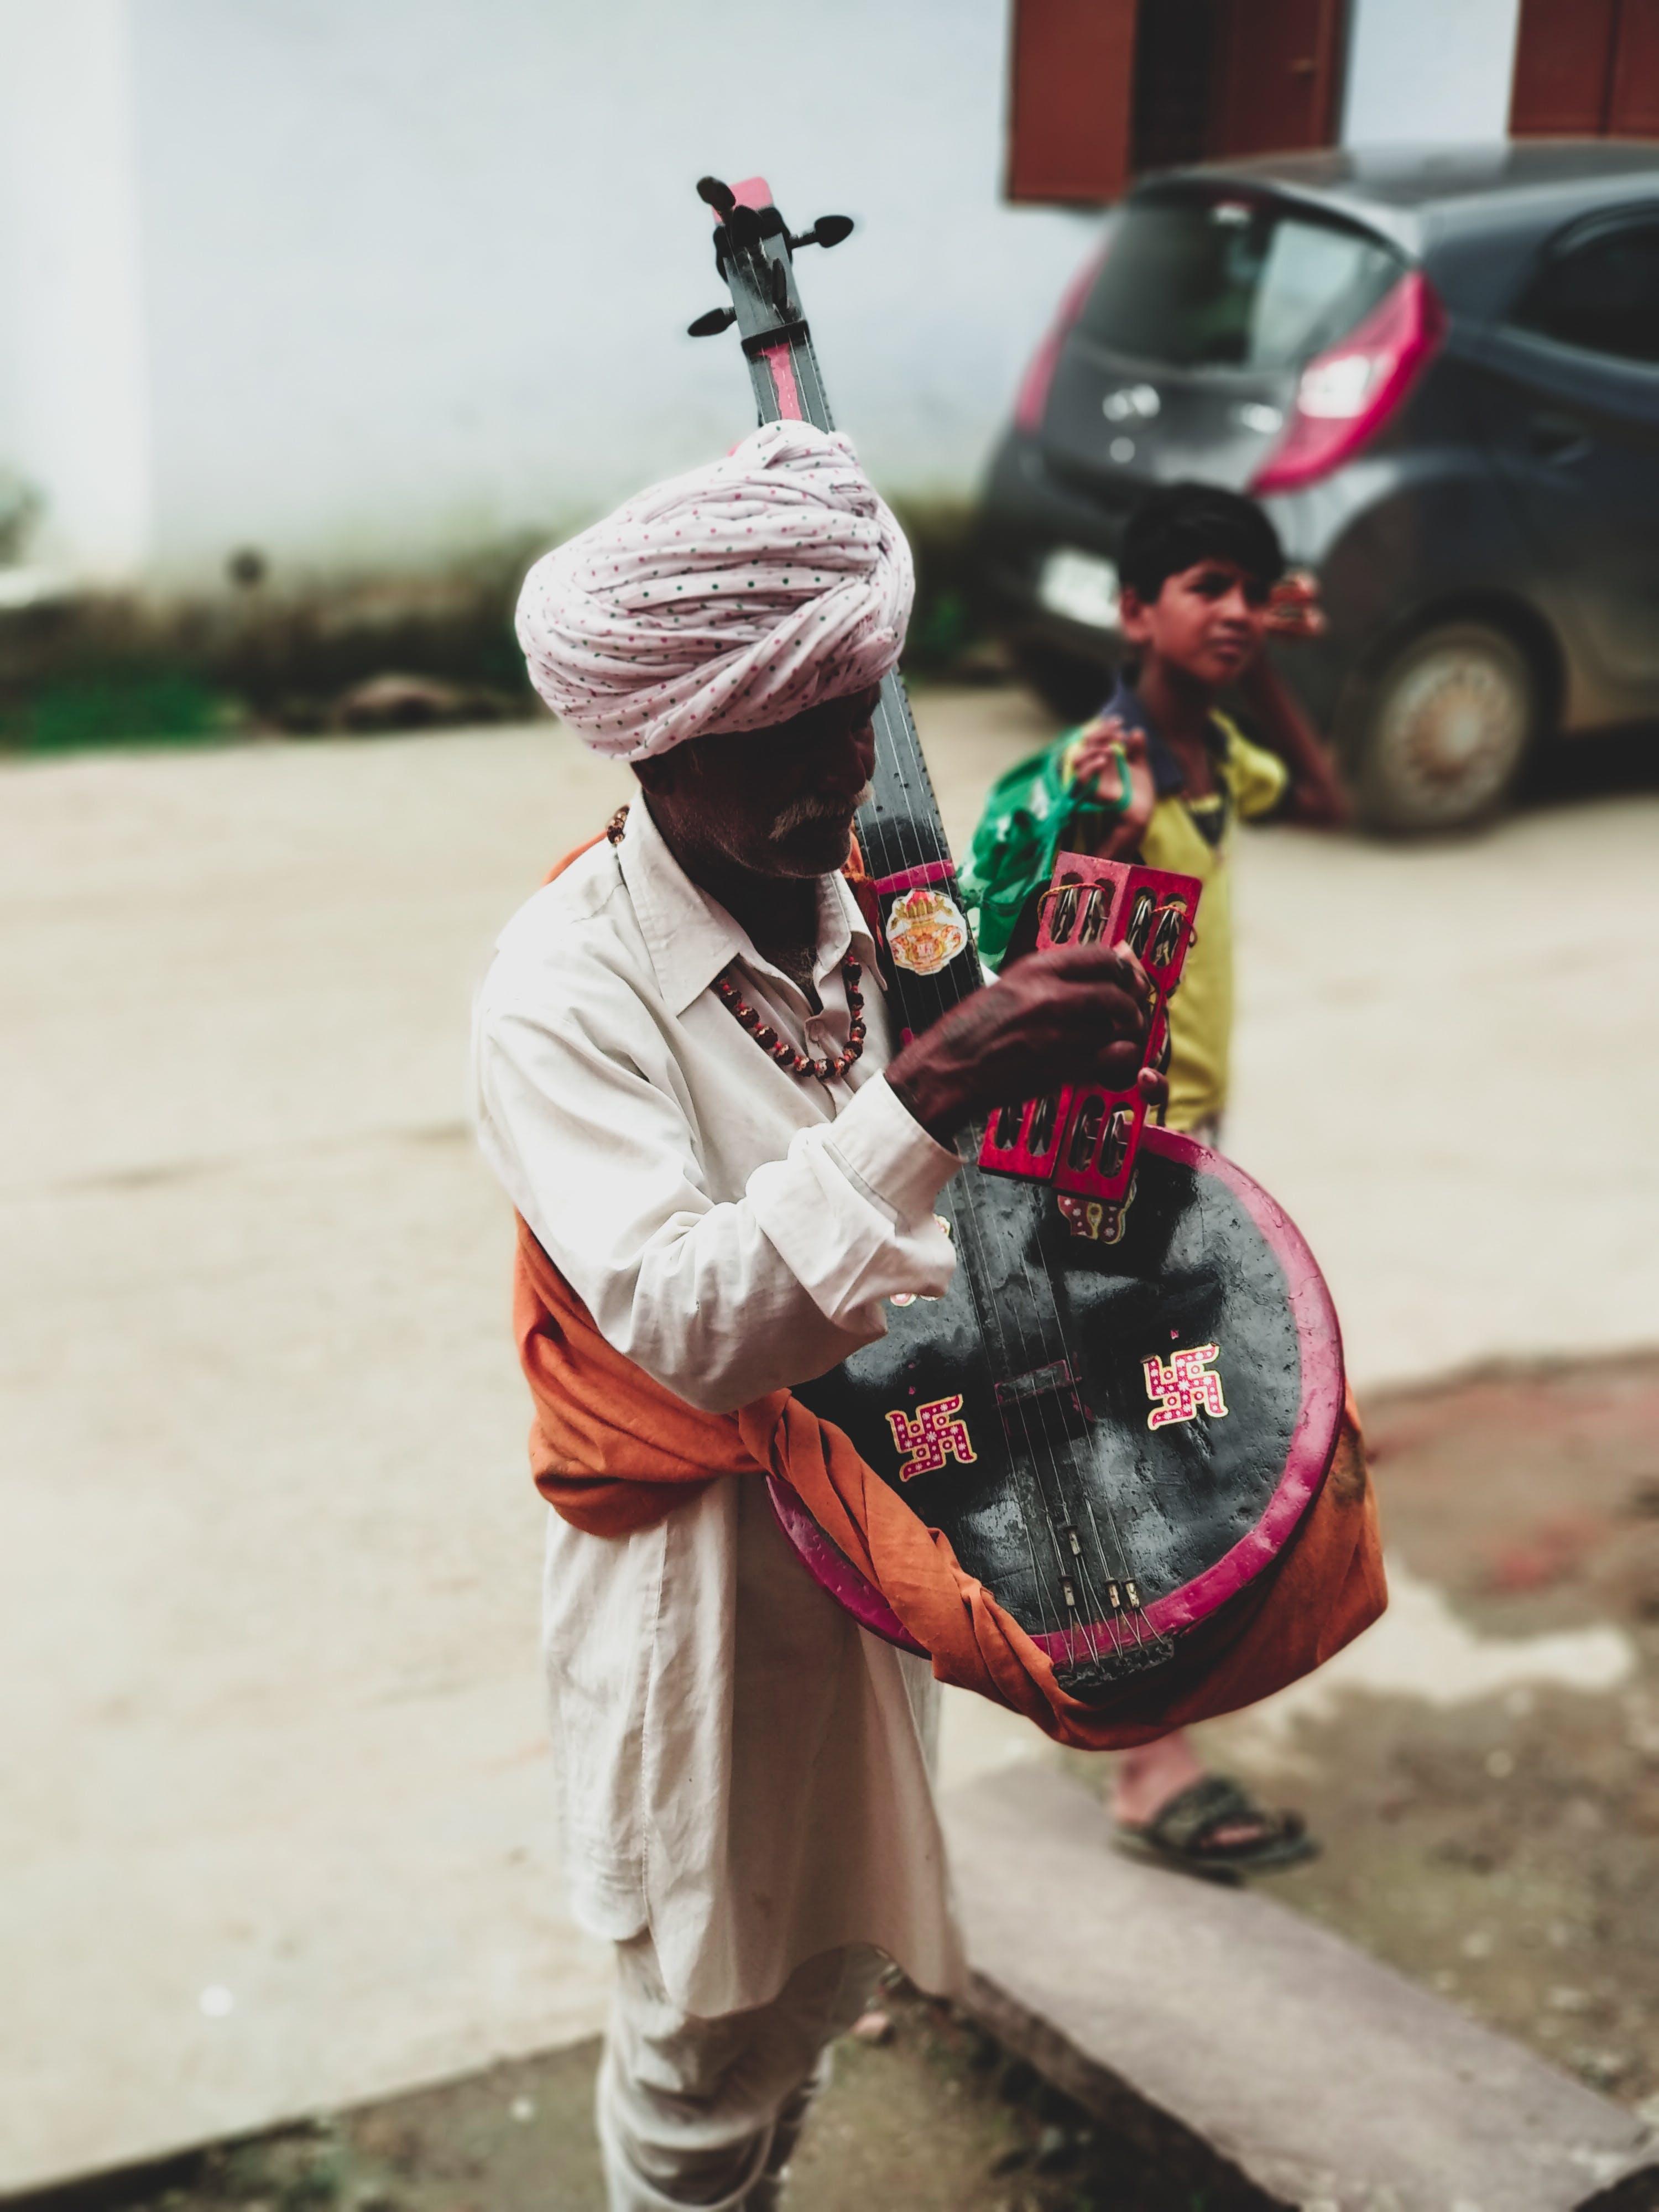 Gratis lagerfoto af fotografi, gadefotografering, Indien, indisk mand